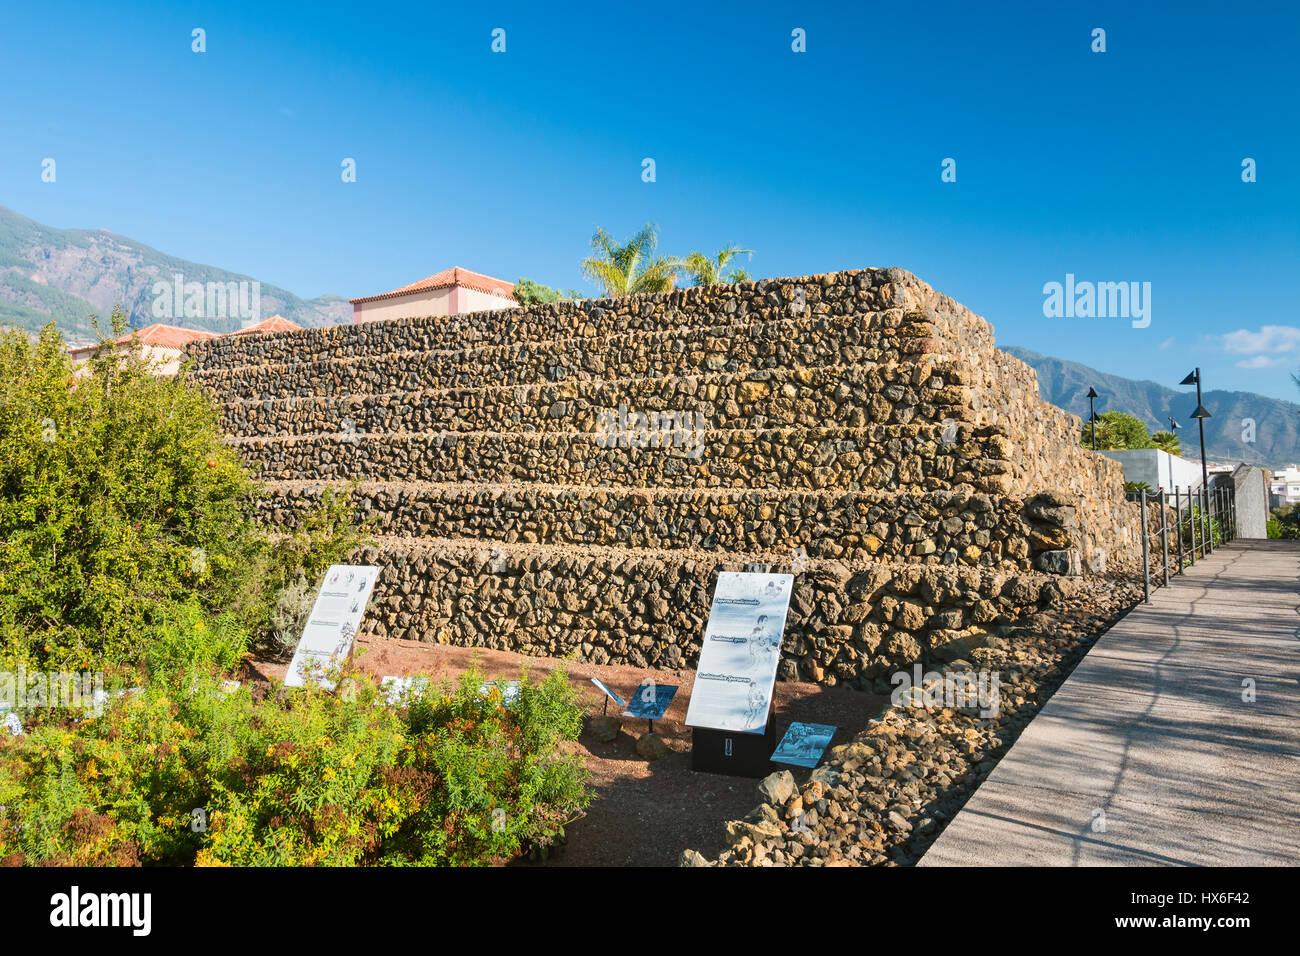 TENERIFE - 14 de octubre: las antiguas Pirámides de Güímar en Tenerife, España el 14 de octubre, Imagen De Stock